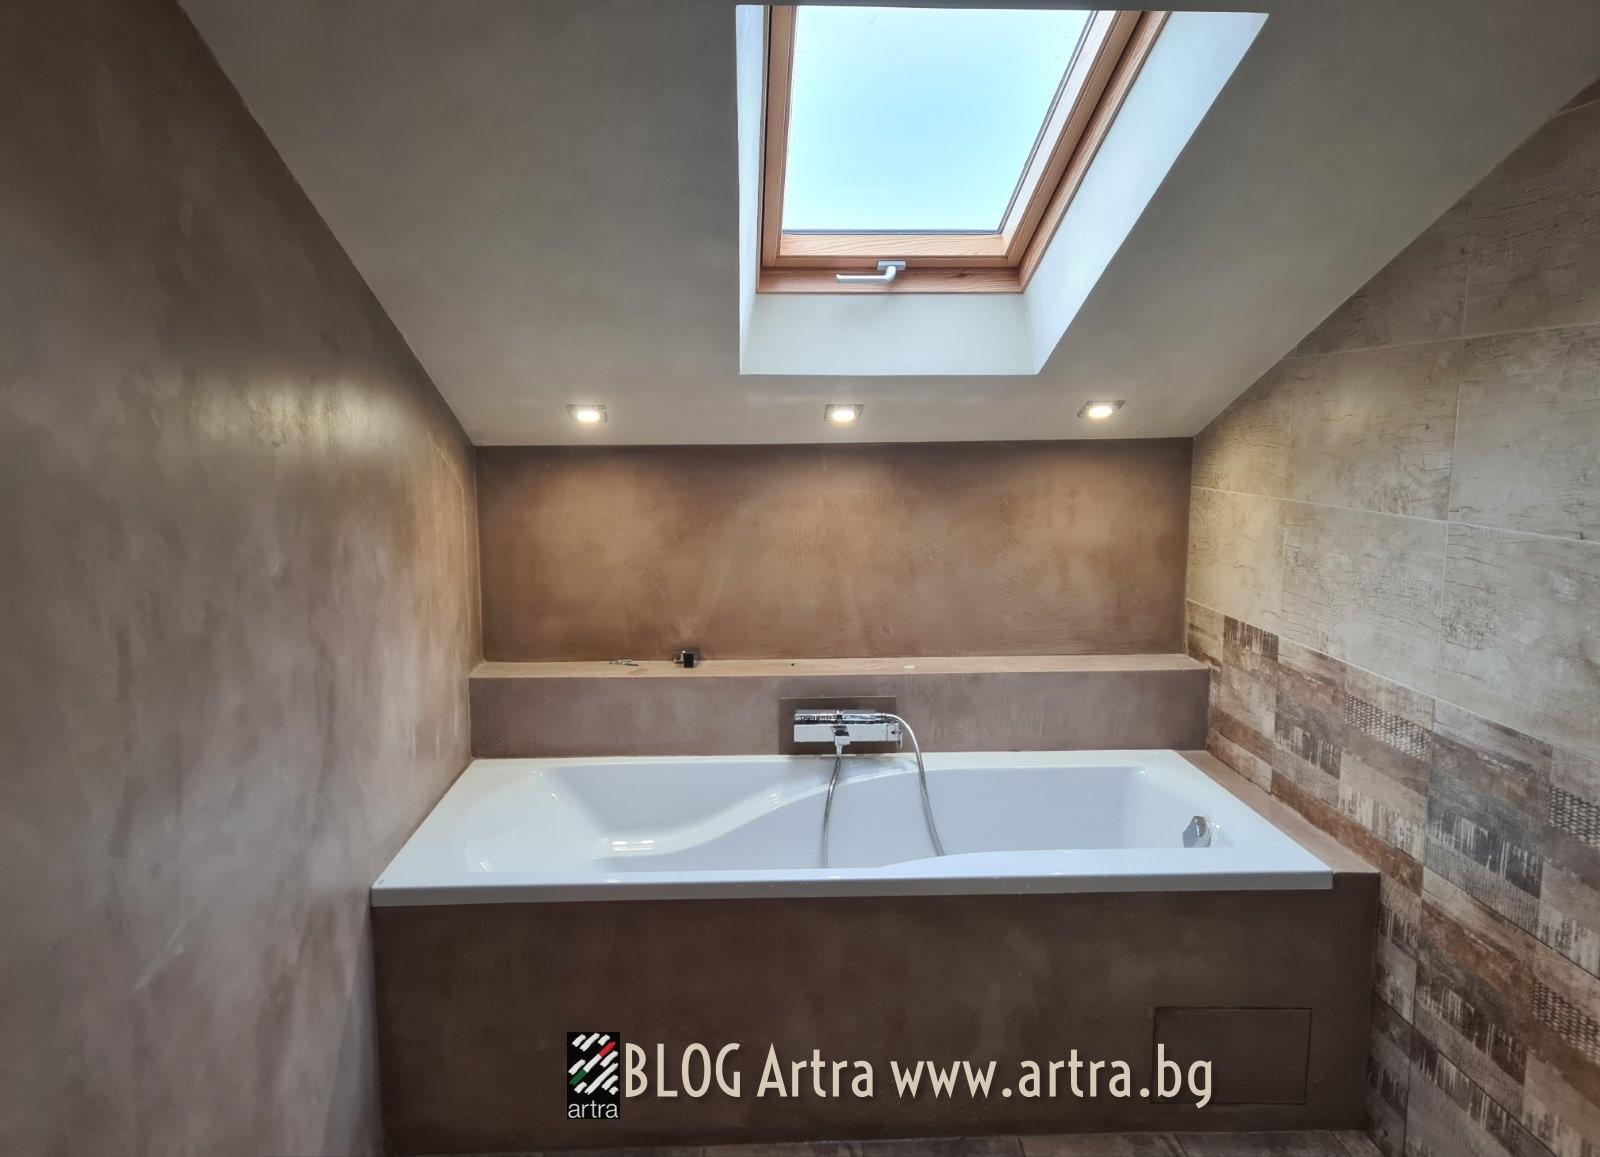 Мазилка за баня или непрекъснато пространство в мокрото помещение